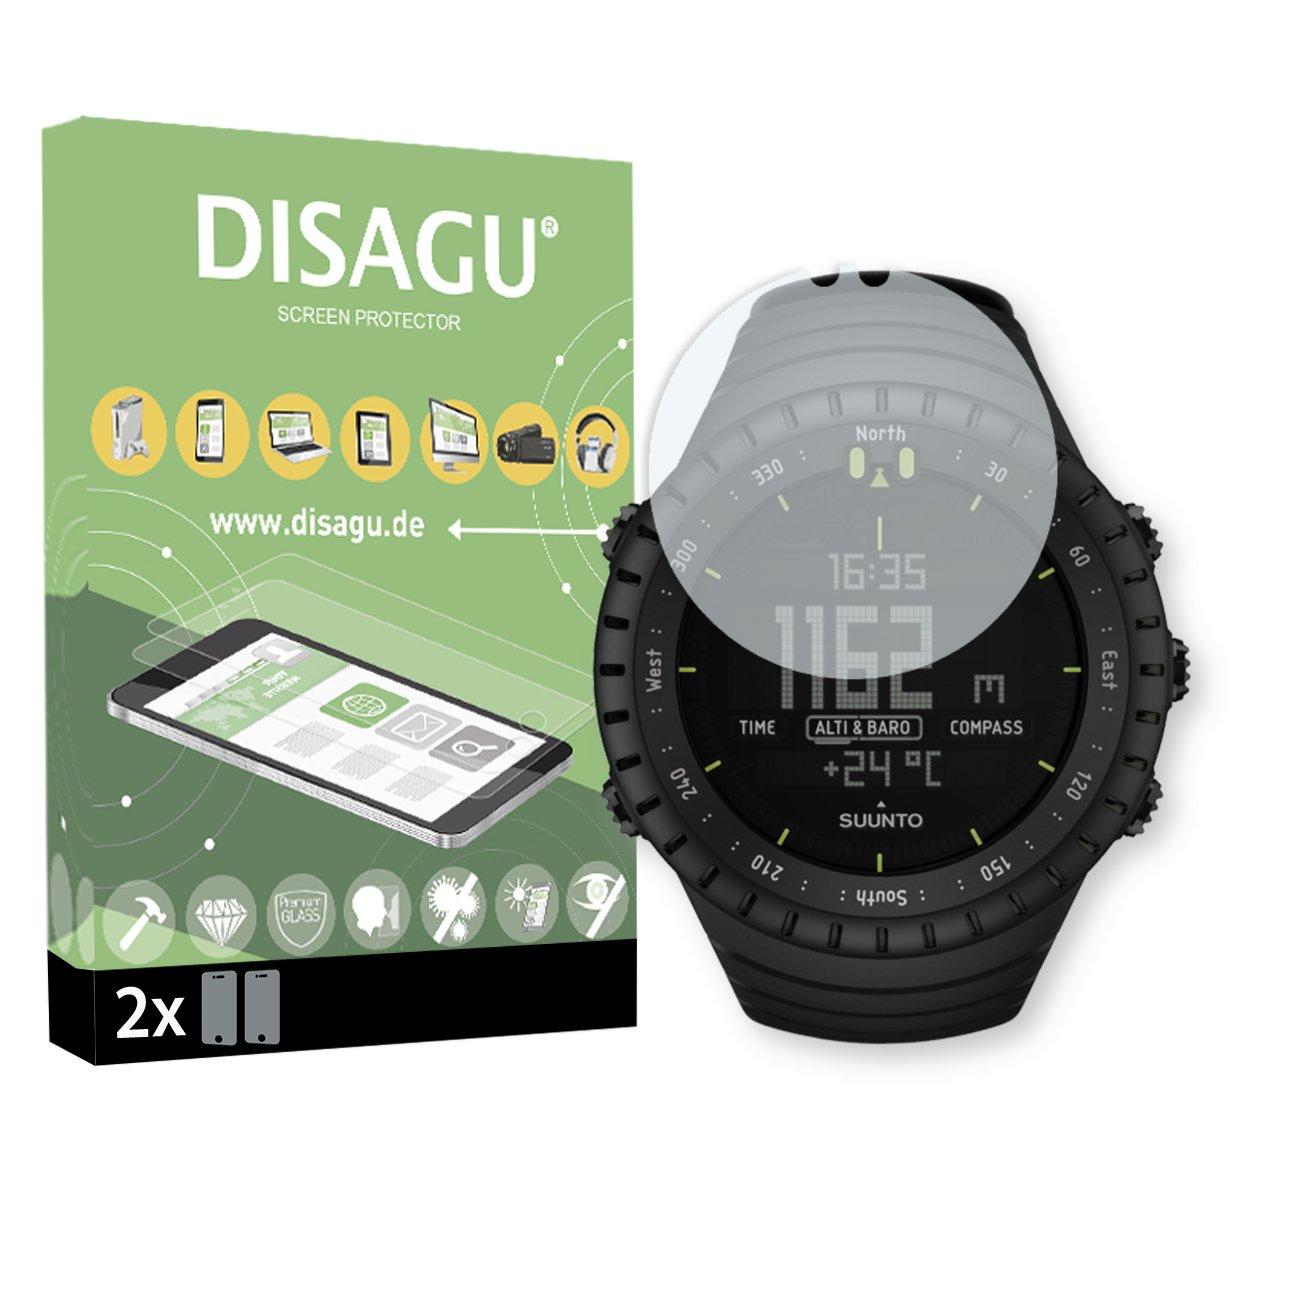 DISAGU 2X Flessibile Tempered Glass per Suunto Core all Black Protezione dello Schermo in Vetro temperato di 9H durezza #tg7756_2